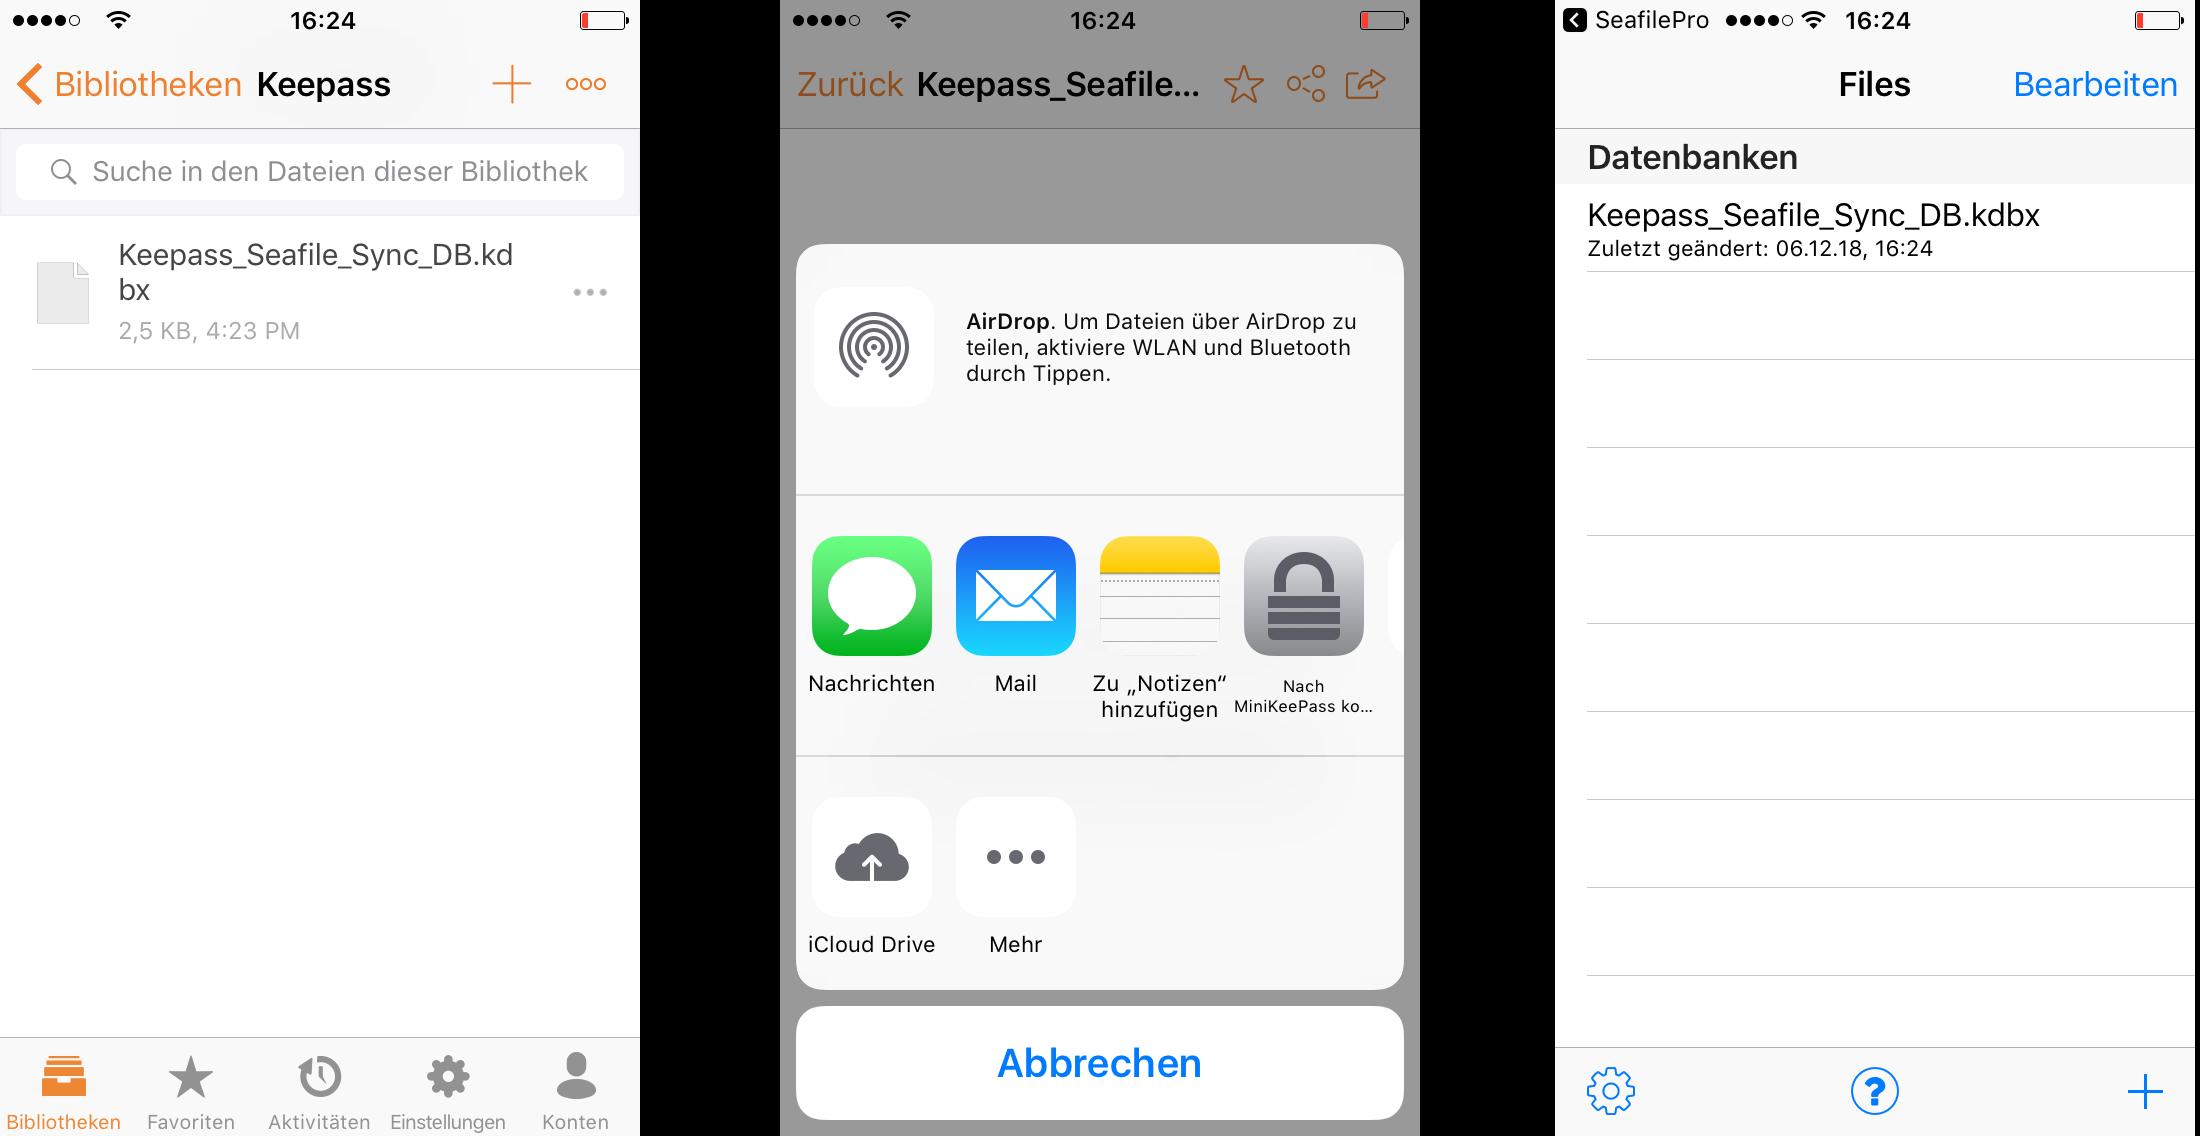 Zugriff auf KeePass Datenbankdatei über Seafile